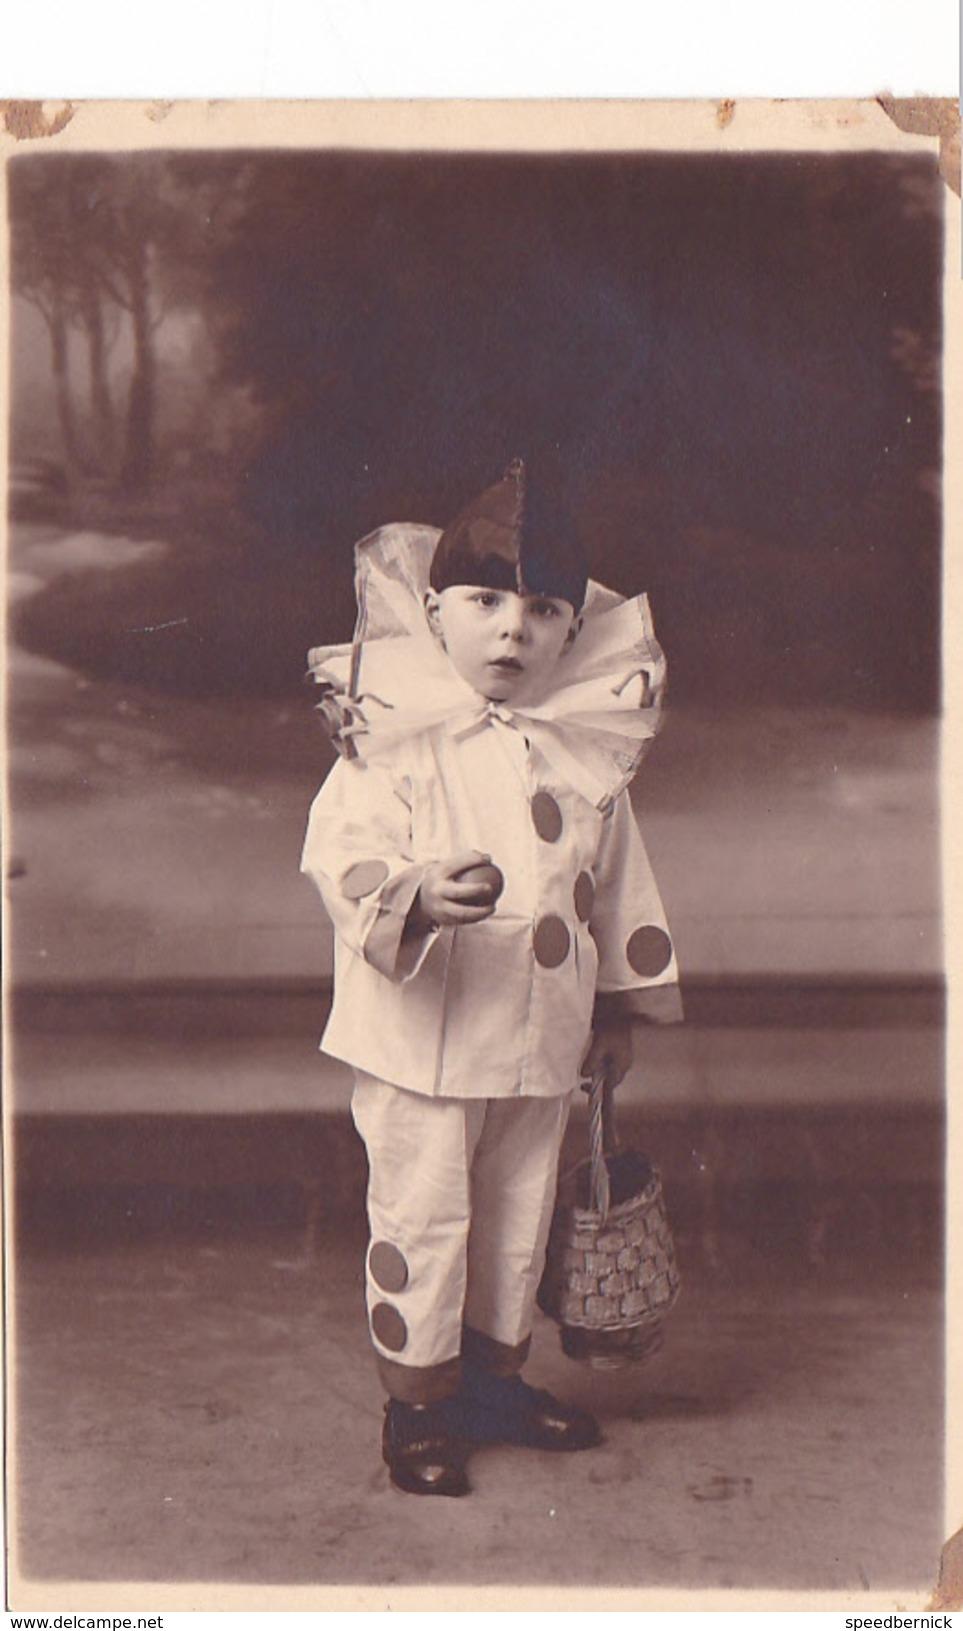 26007 Carte Photo Enfant  Pierrot Clown - Garcon Children - Belgique Vers 1910 - Carnaval - Portraits